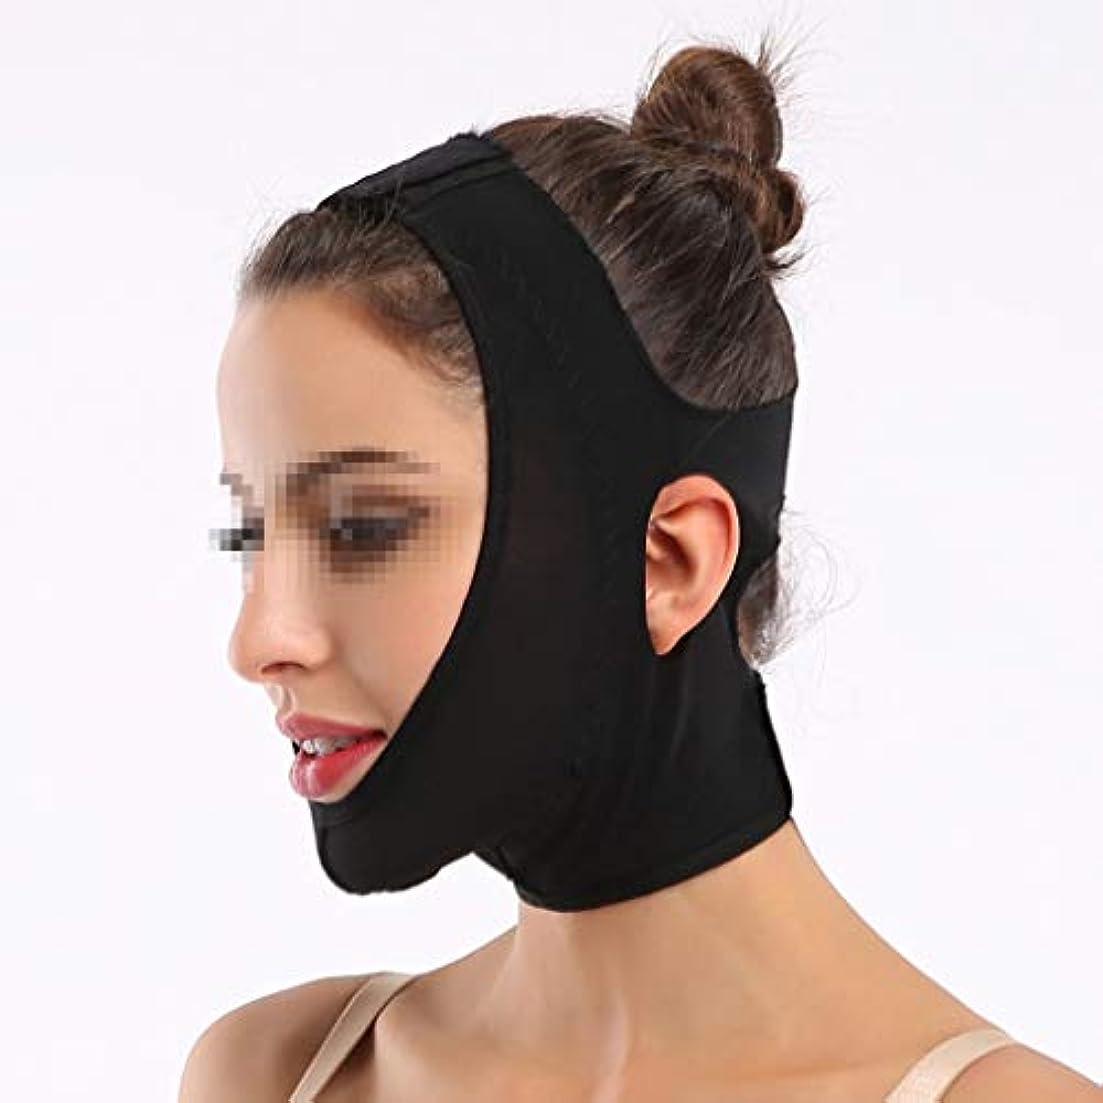 掃除シードミトンXHLMRMJ Vフェイスマスク、包帯マスクを持ち上げて引き締めるスキニービューティーサロン1日2時間Vフェイスマッサージ術後回復